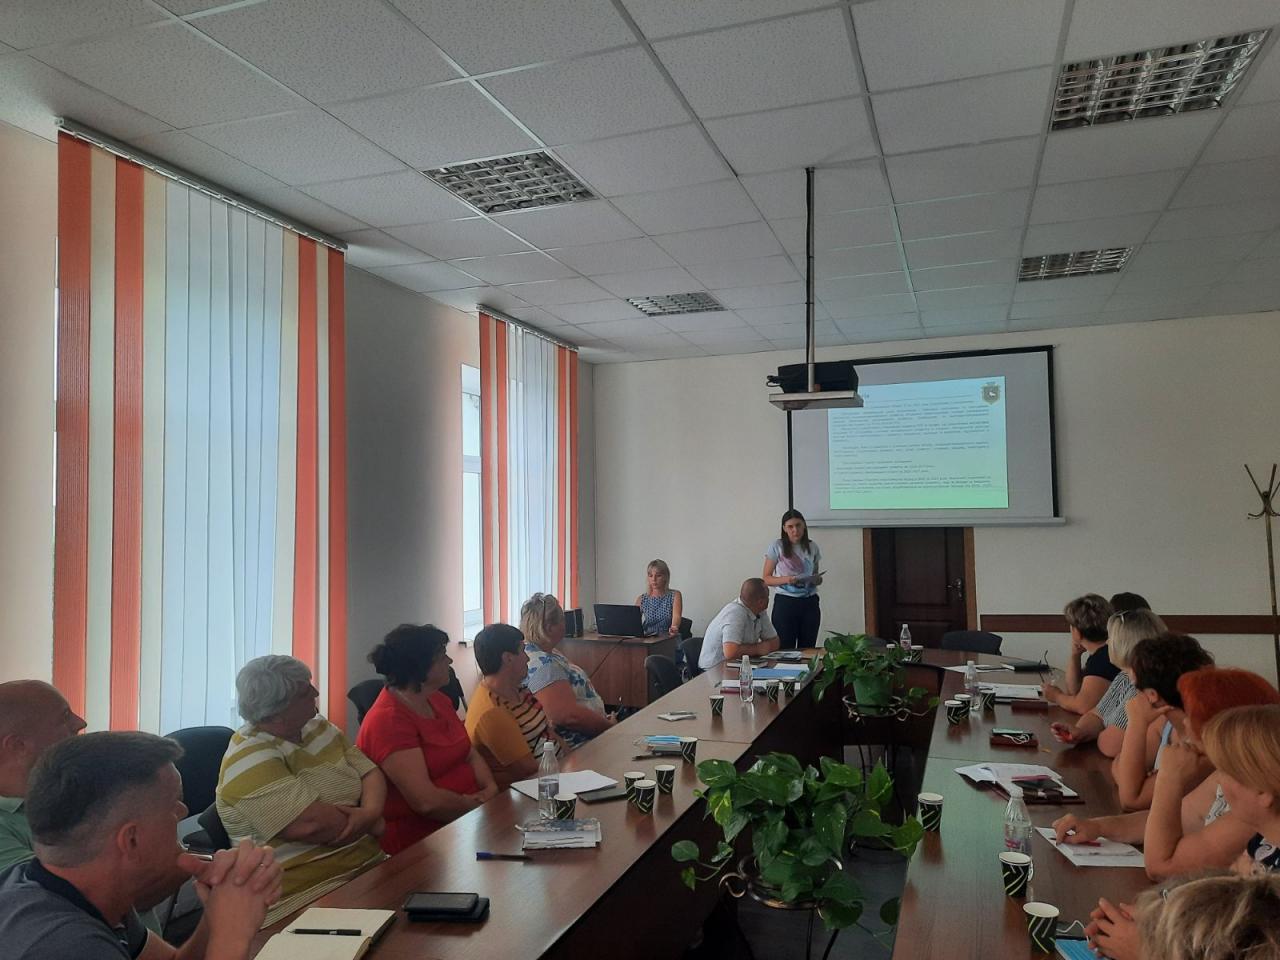 http://dunrada.gov.ua/uploadfile/archive_news/2021/07/16/2021-07-16_3594/images/images-64322.jpg